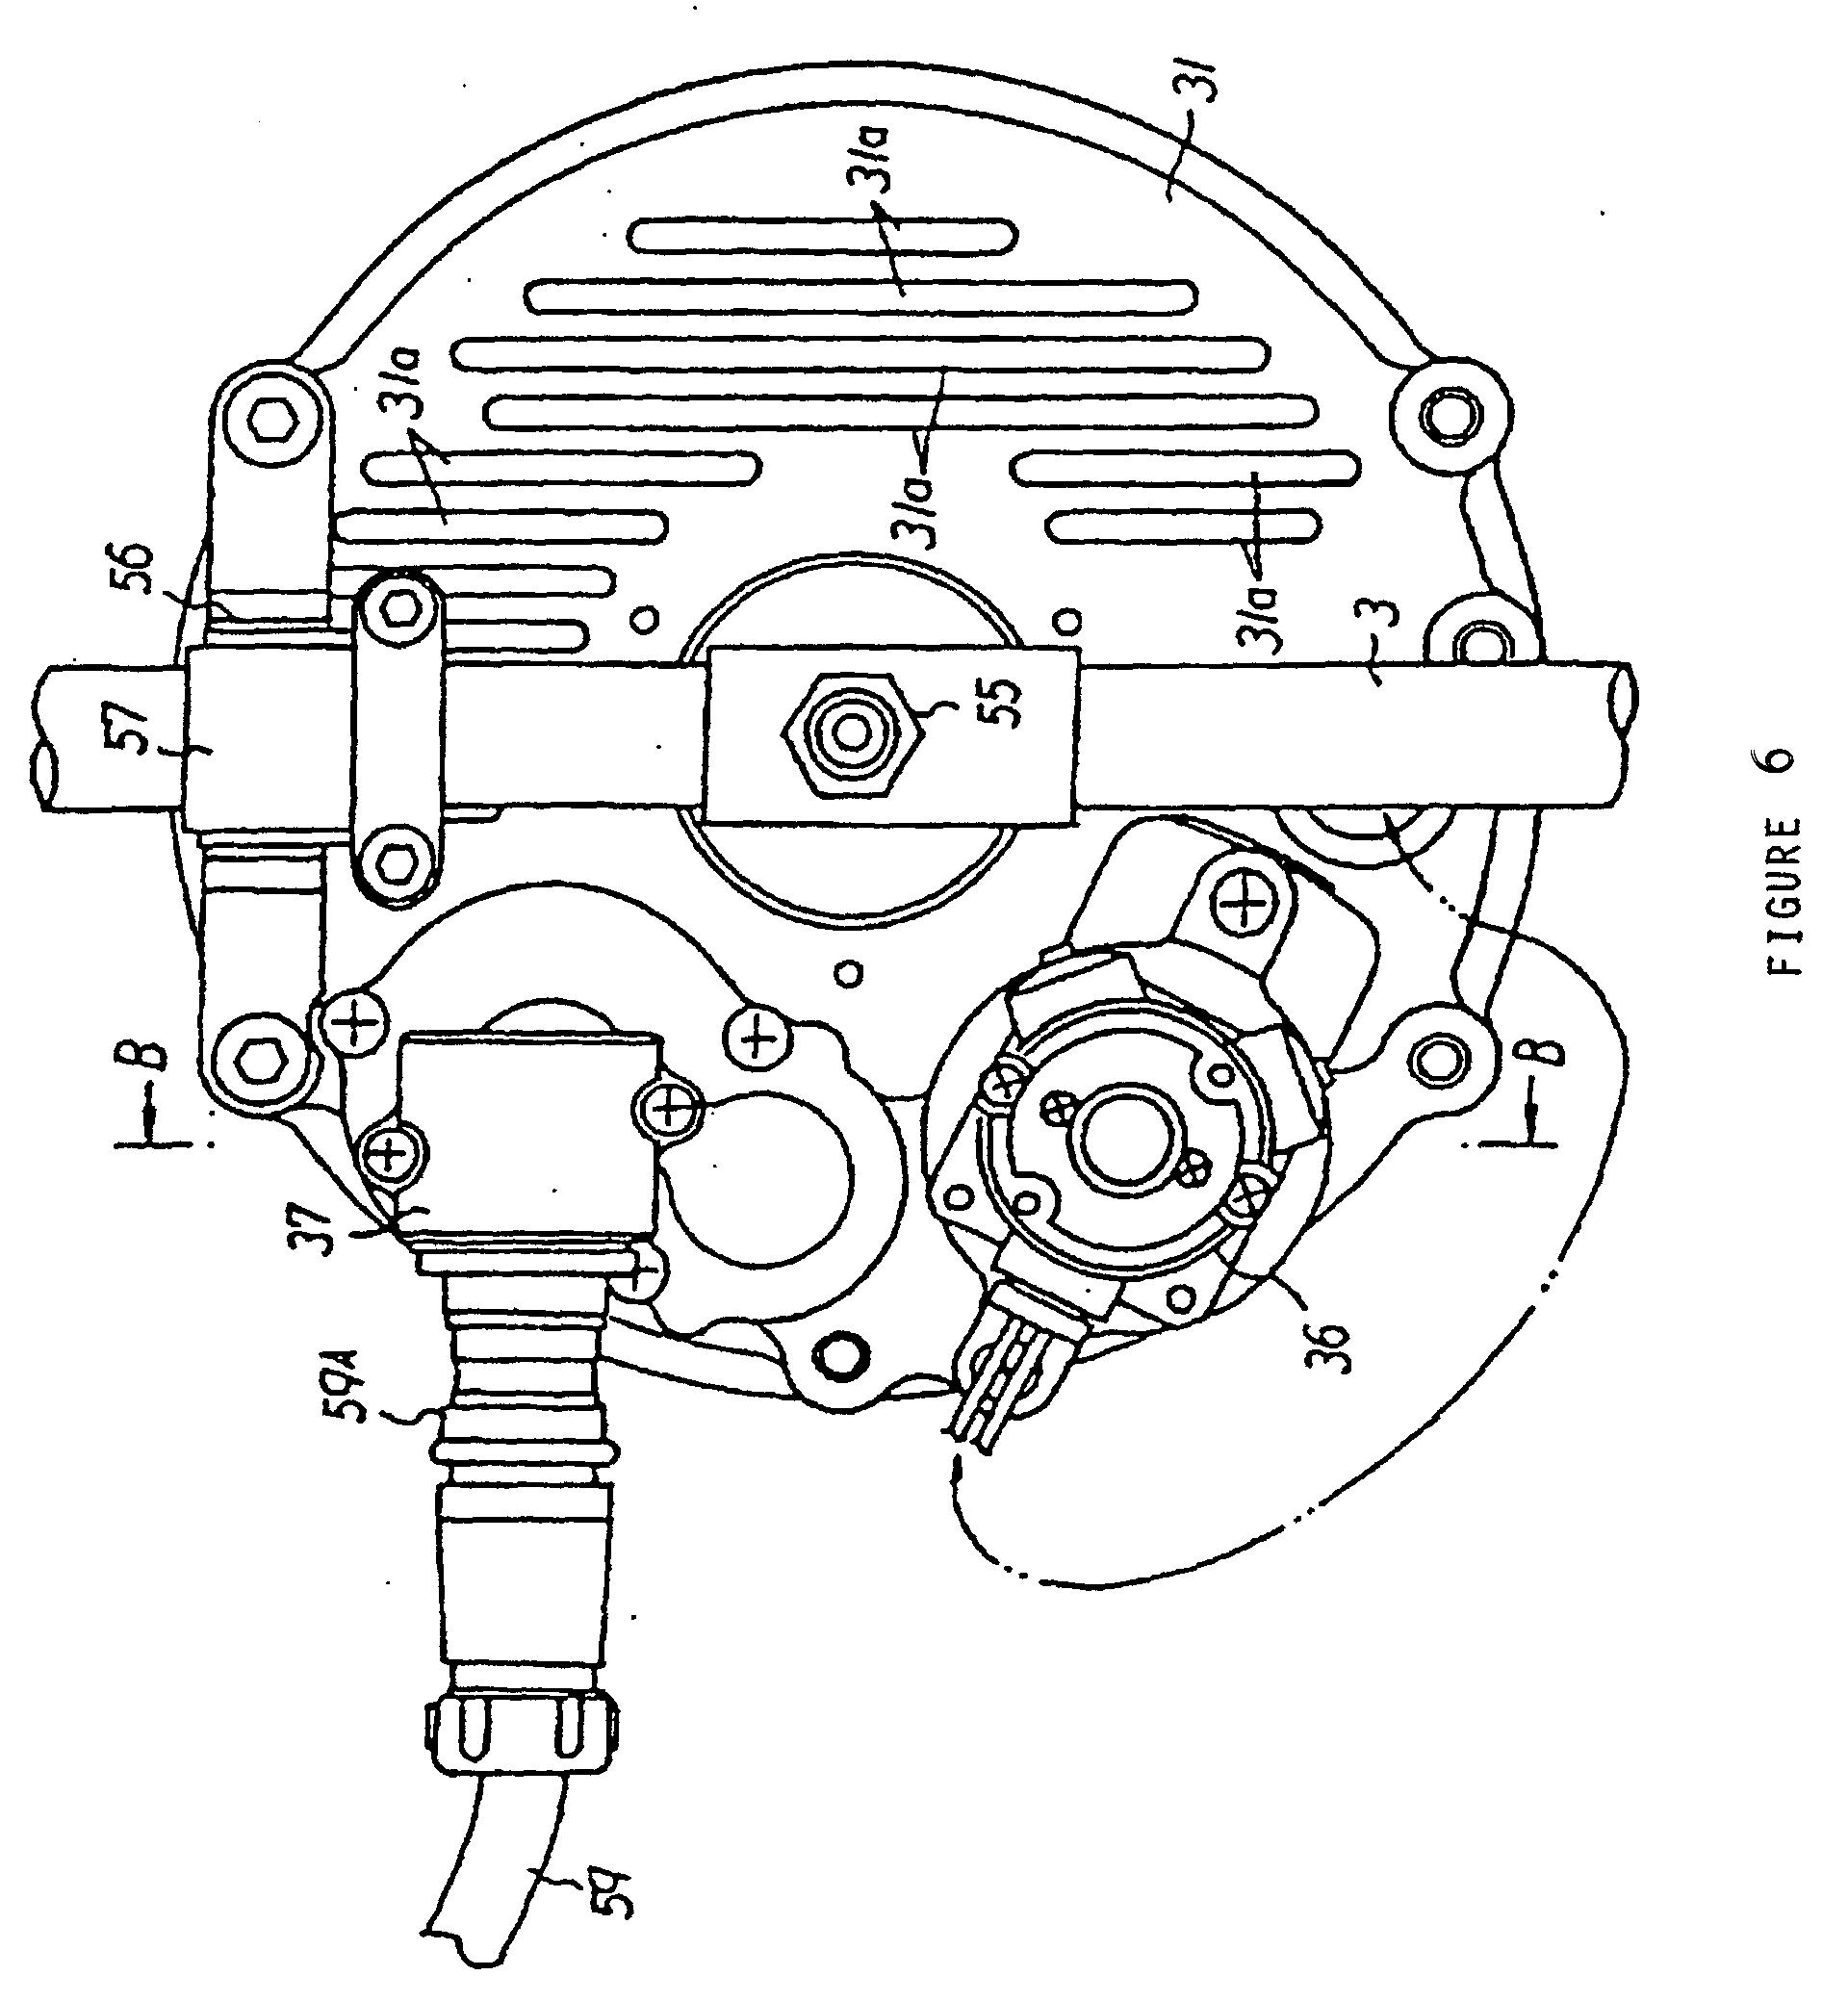 Yamaha G3 Golf Cart Circuit Diagram Maker